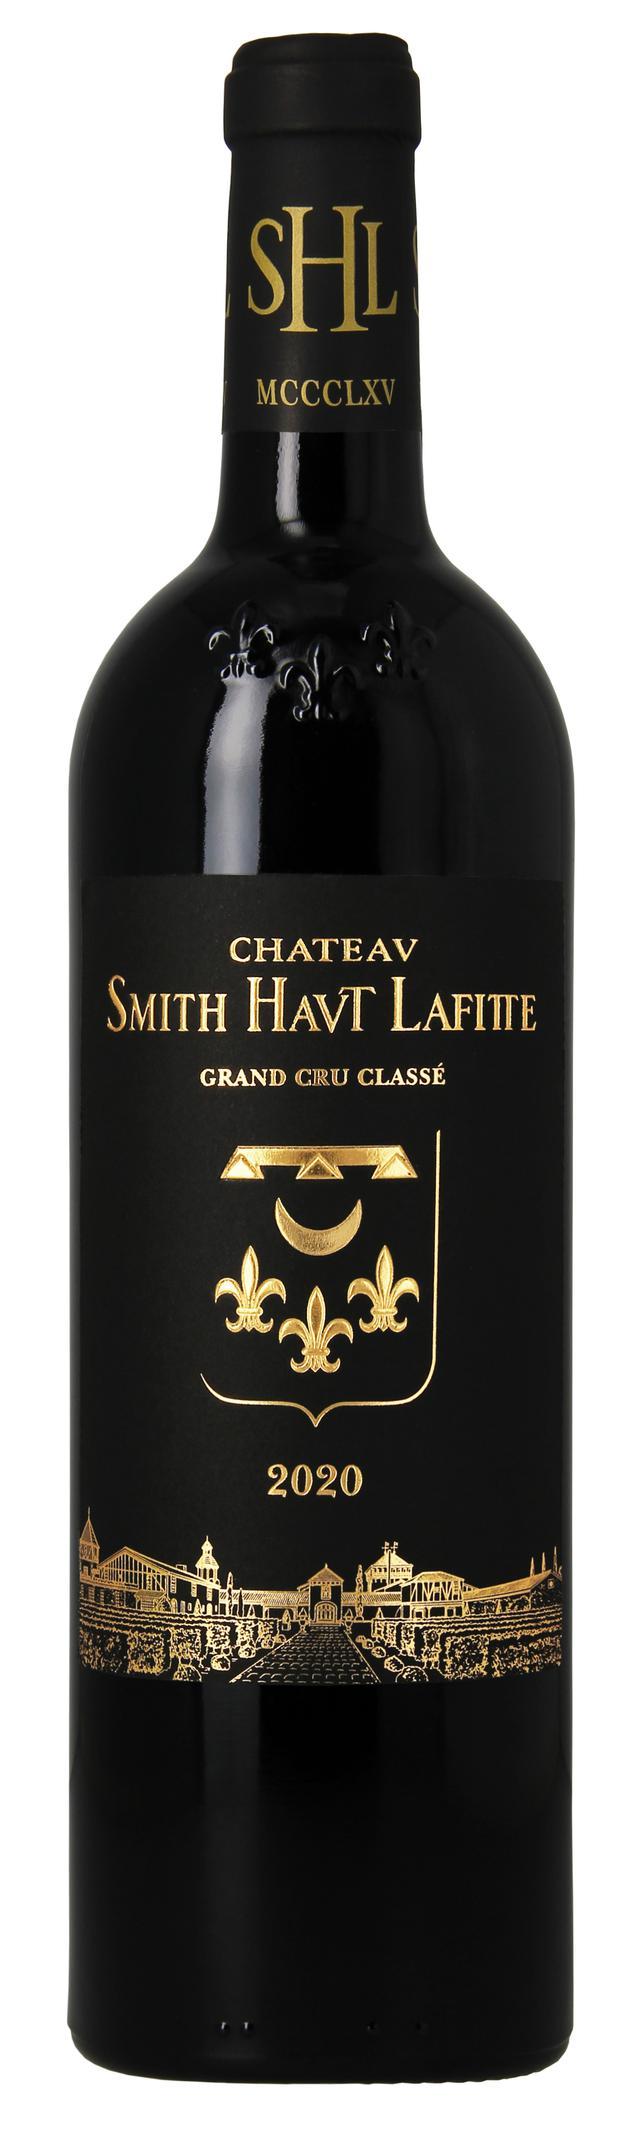 画像: シャトー・スミス・オー・ラフィット 2020年ヴィンテージ 赤ワインのラベル